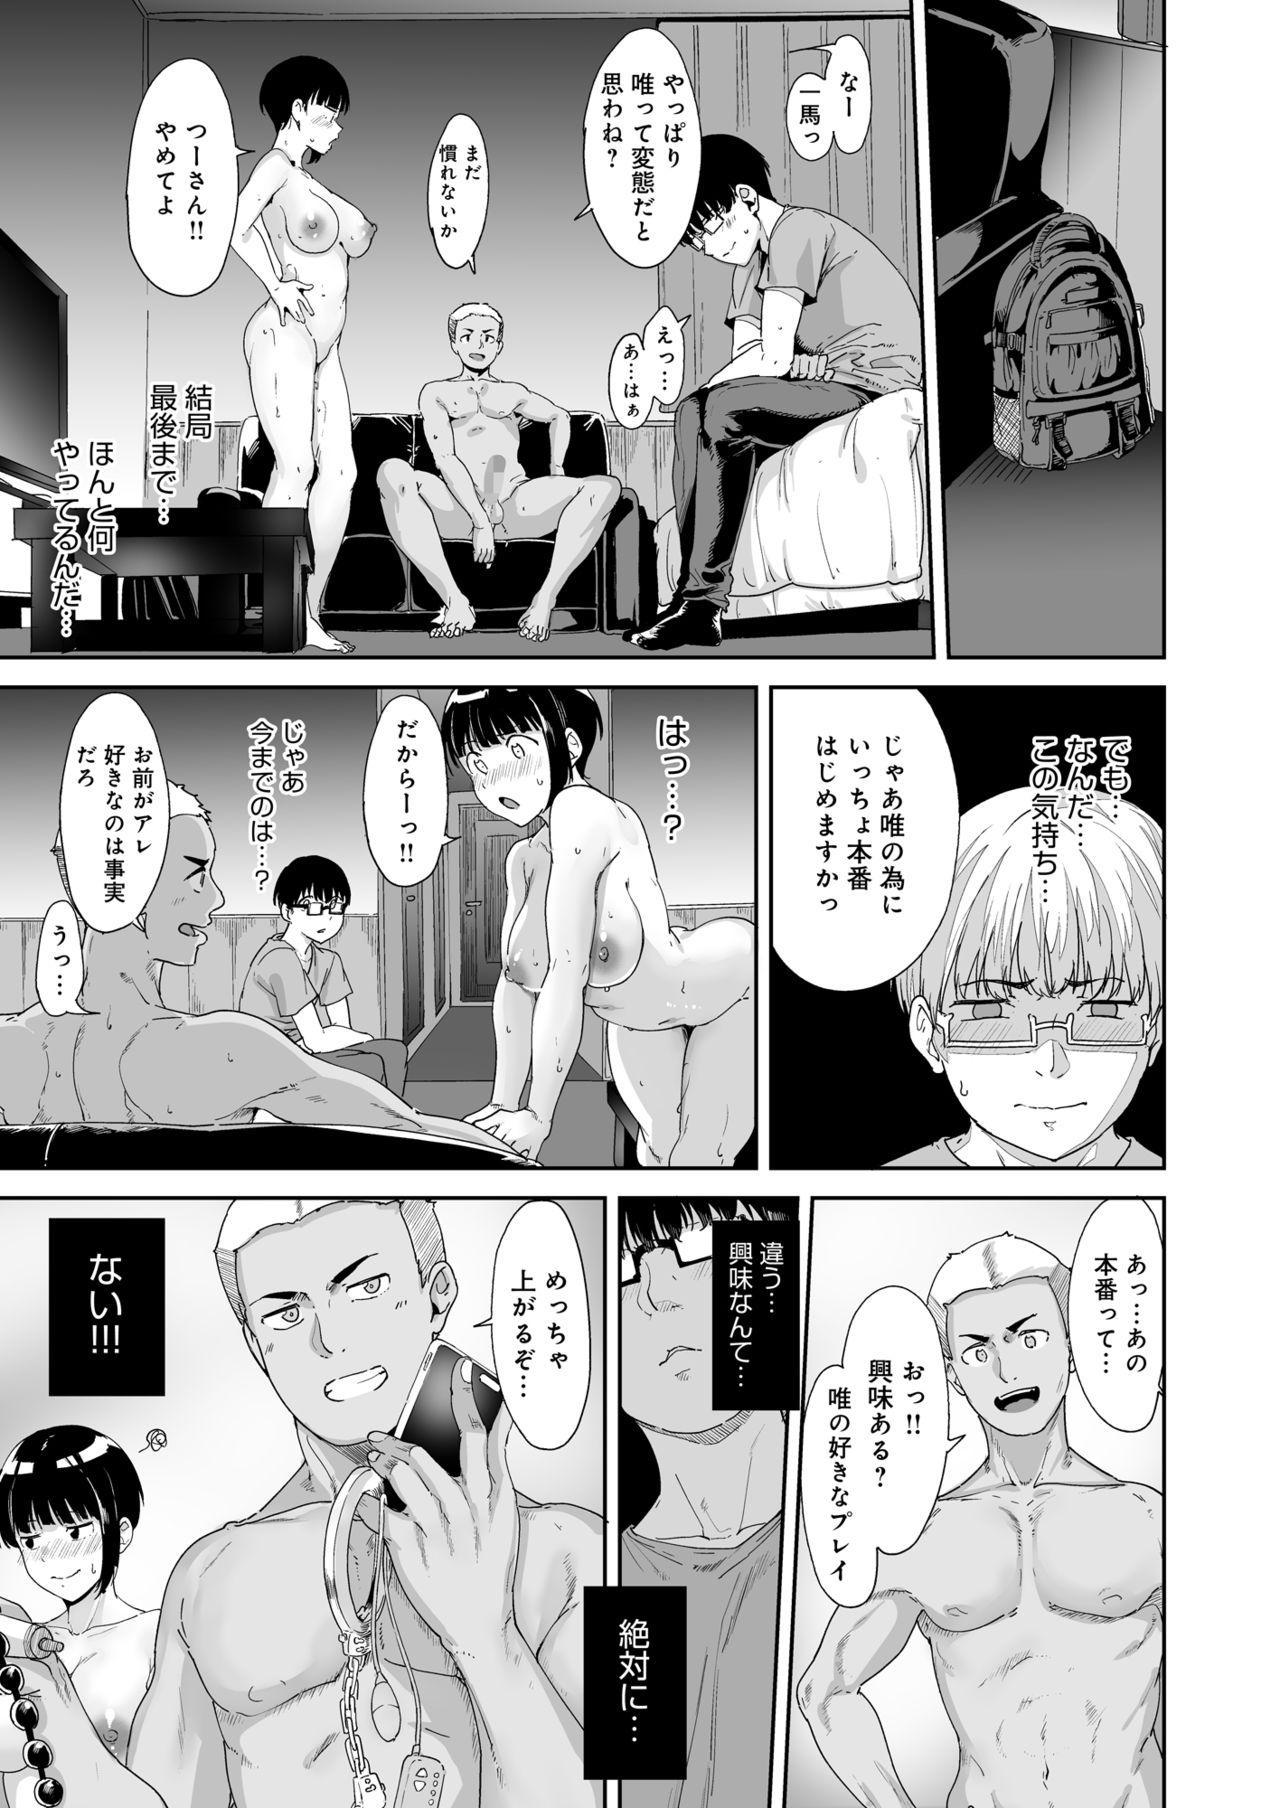 Akogare Kanojo no Risou to Genjitsu 37